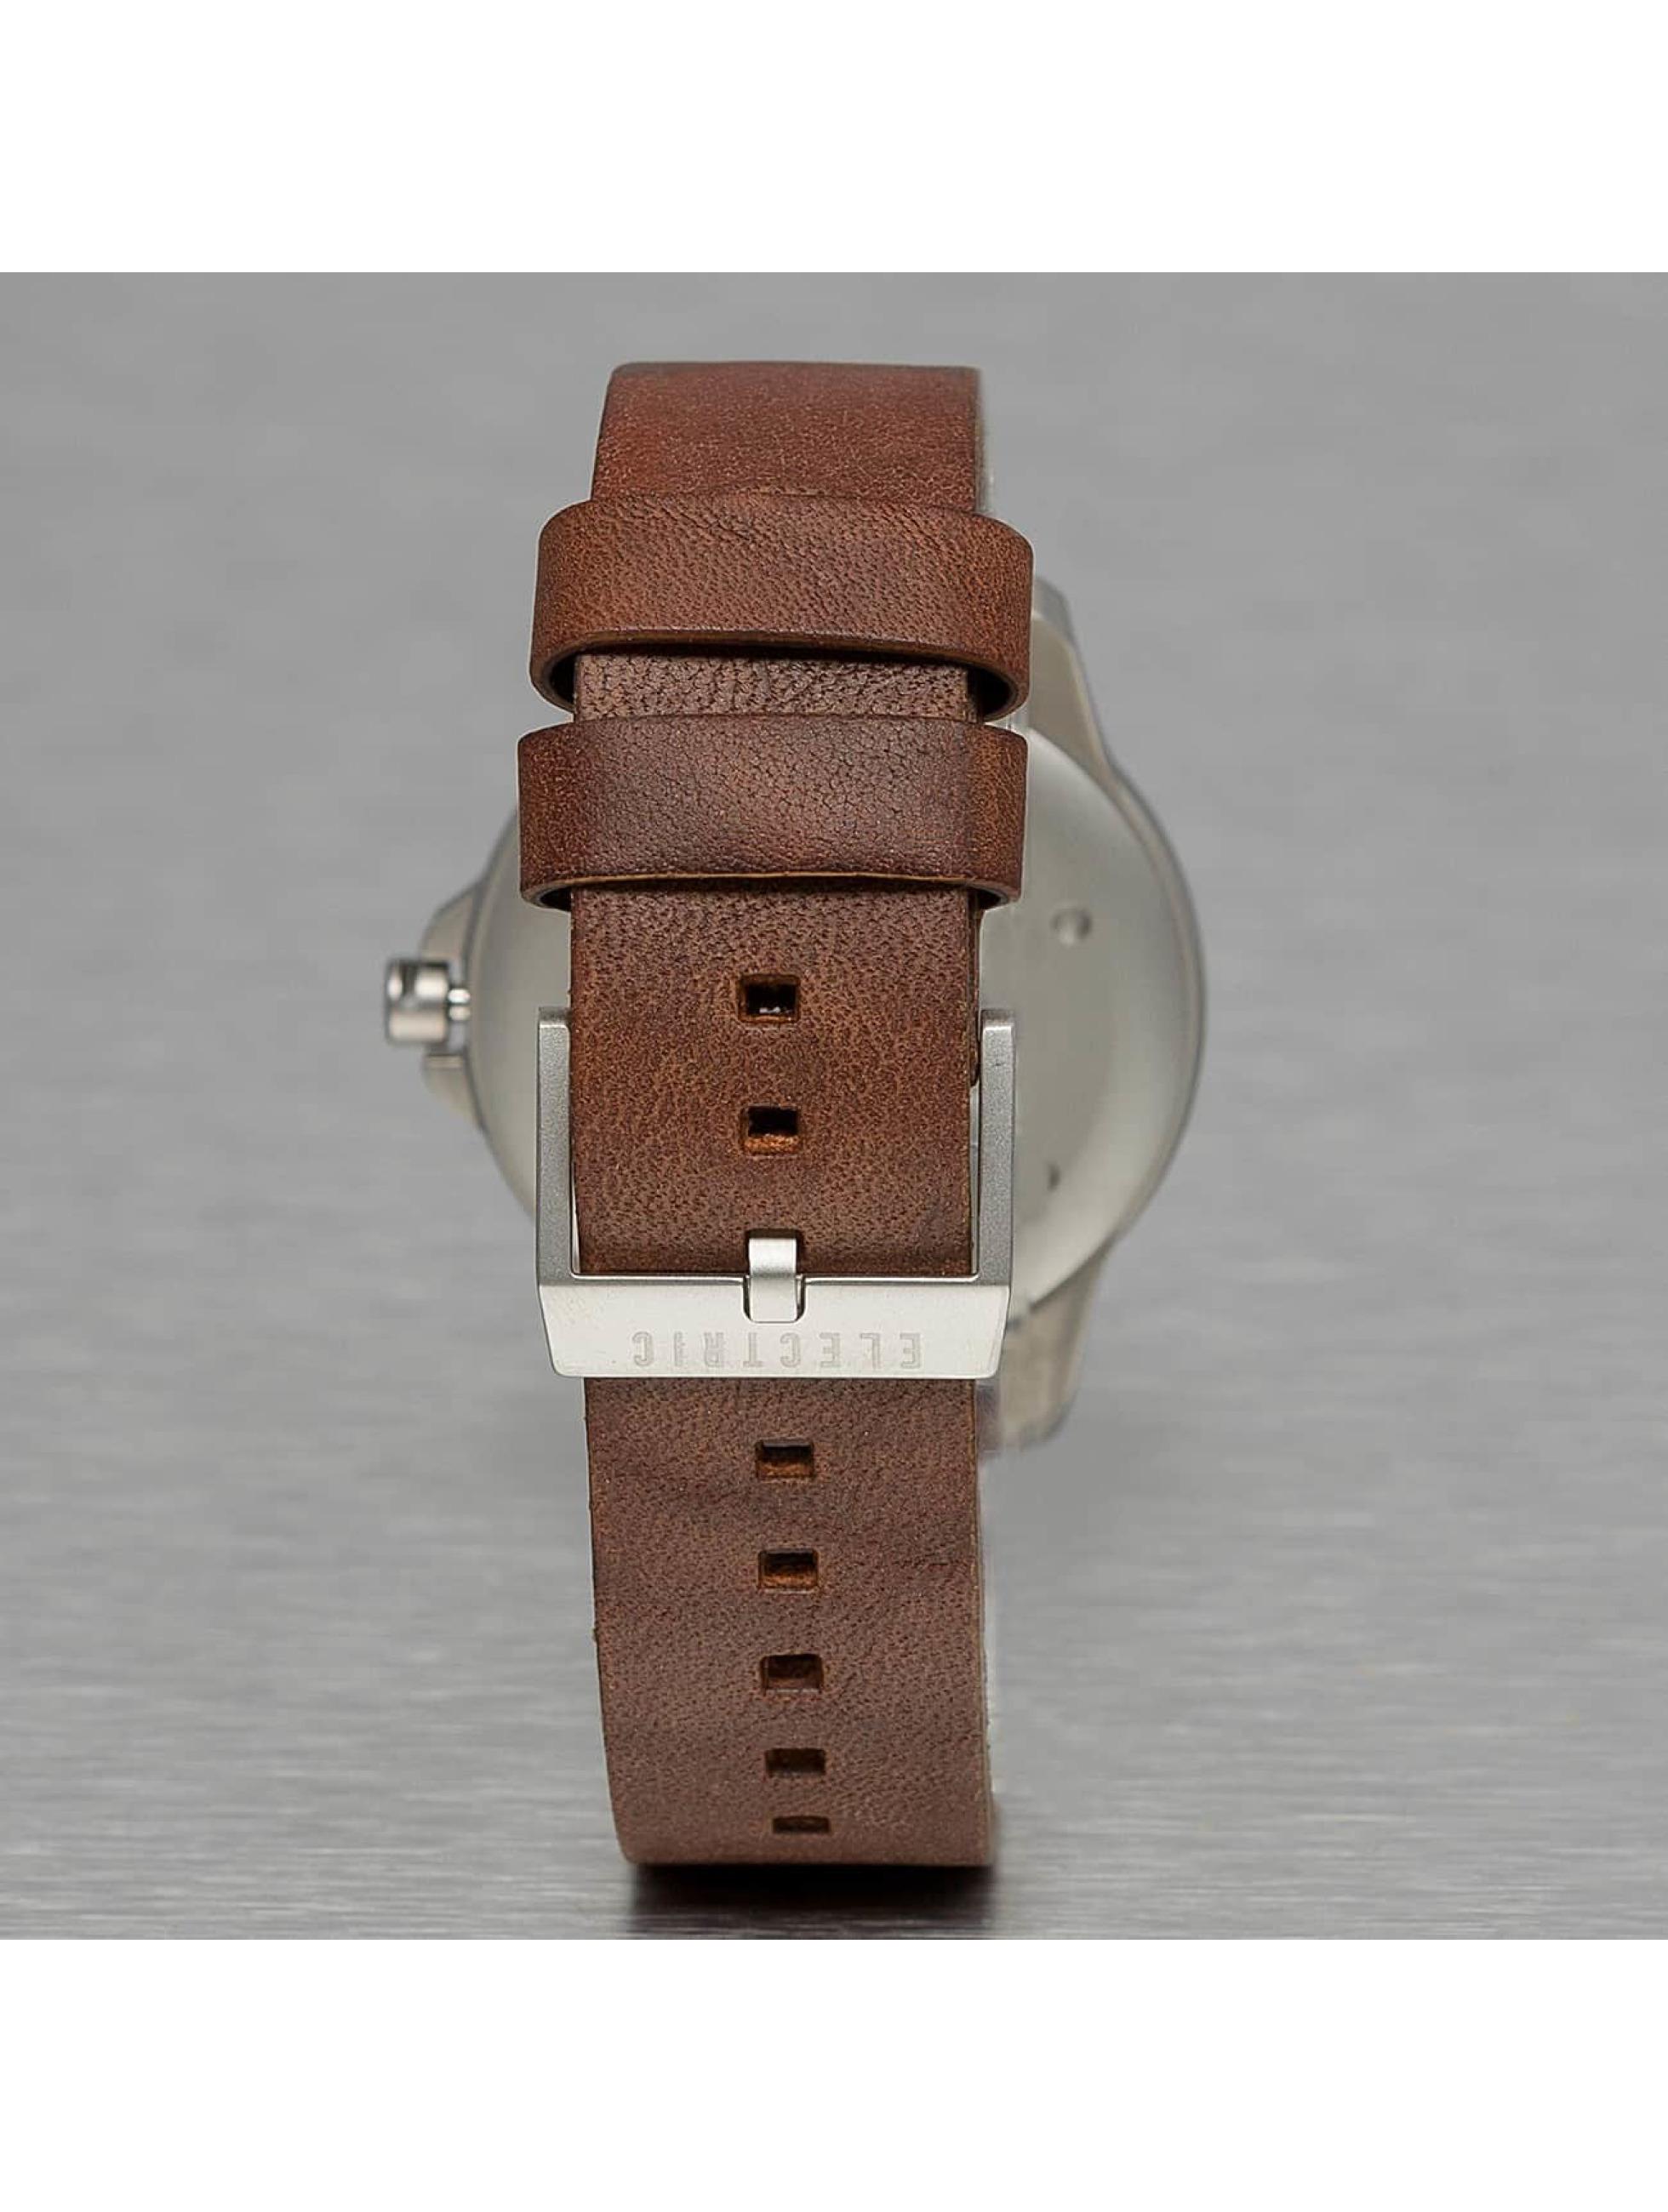 Electric Часы CARROWAY коричневый